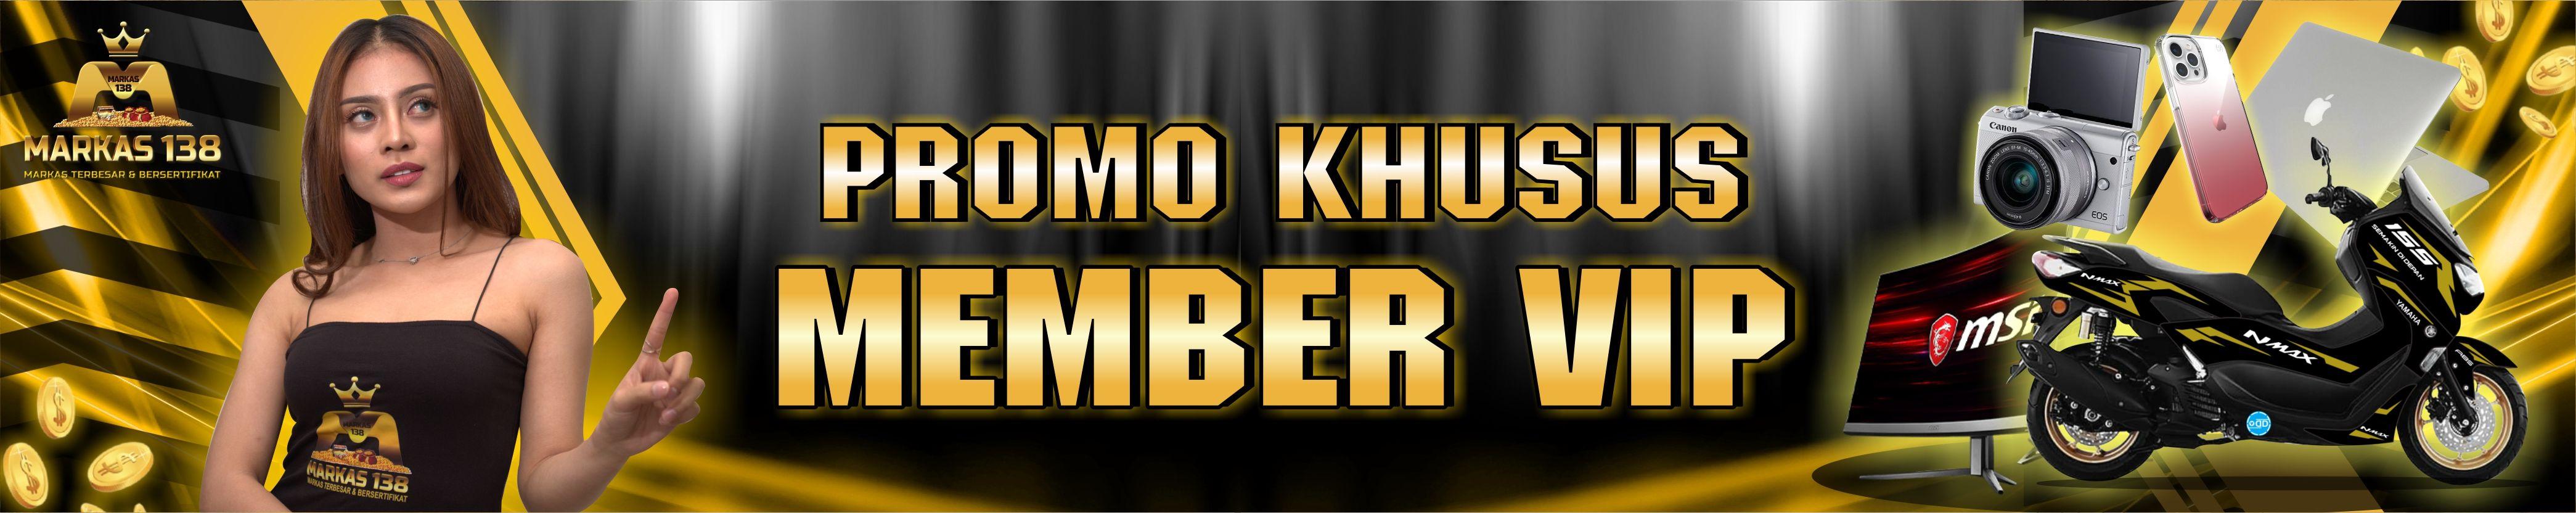 Promo Khusus Member VIP